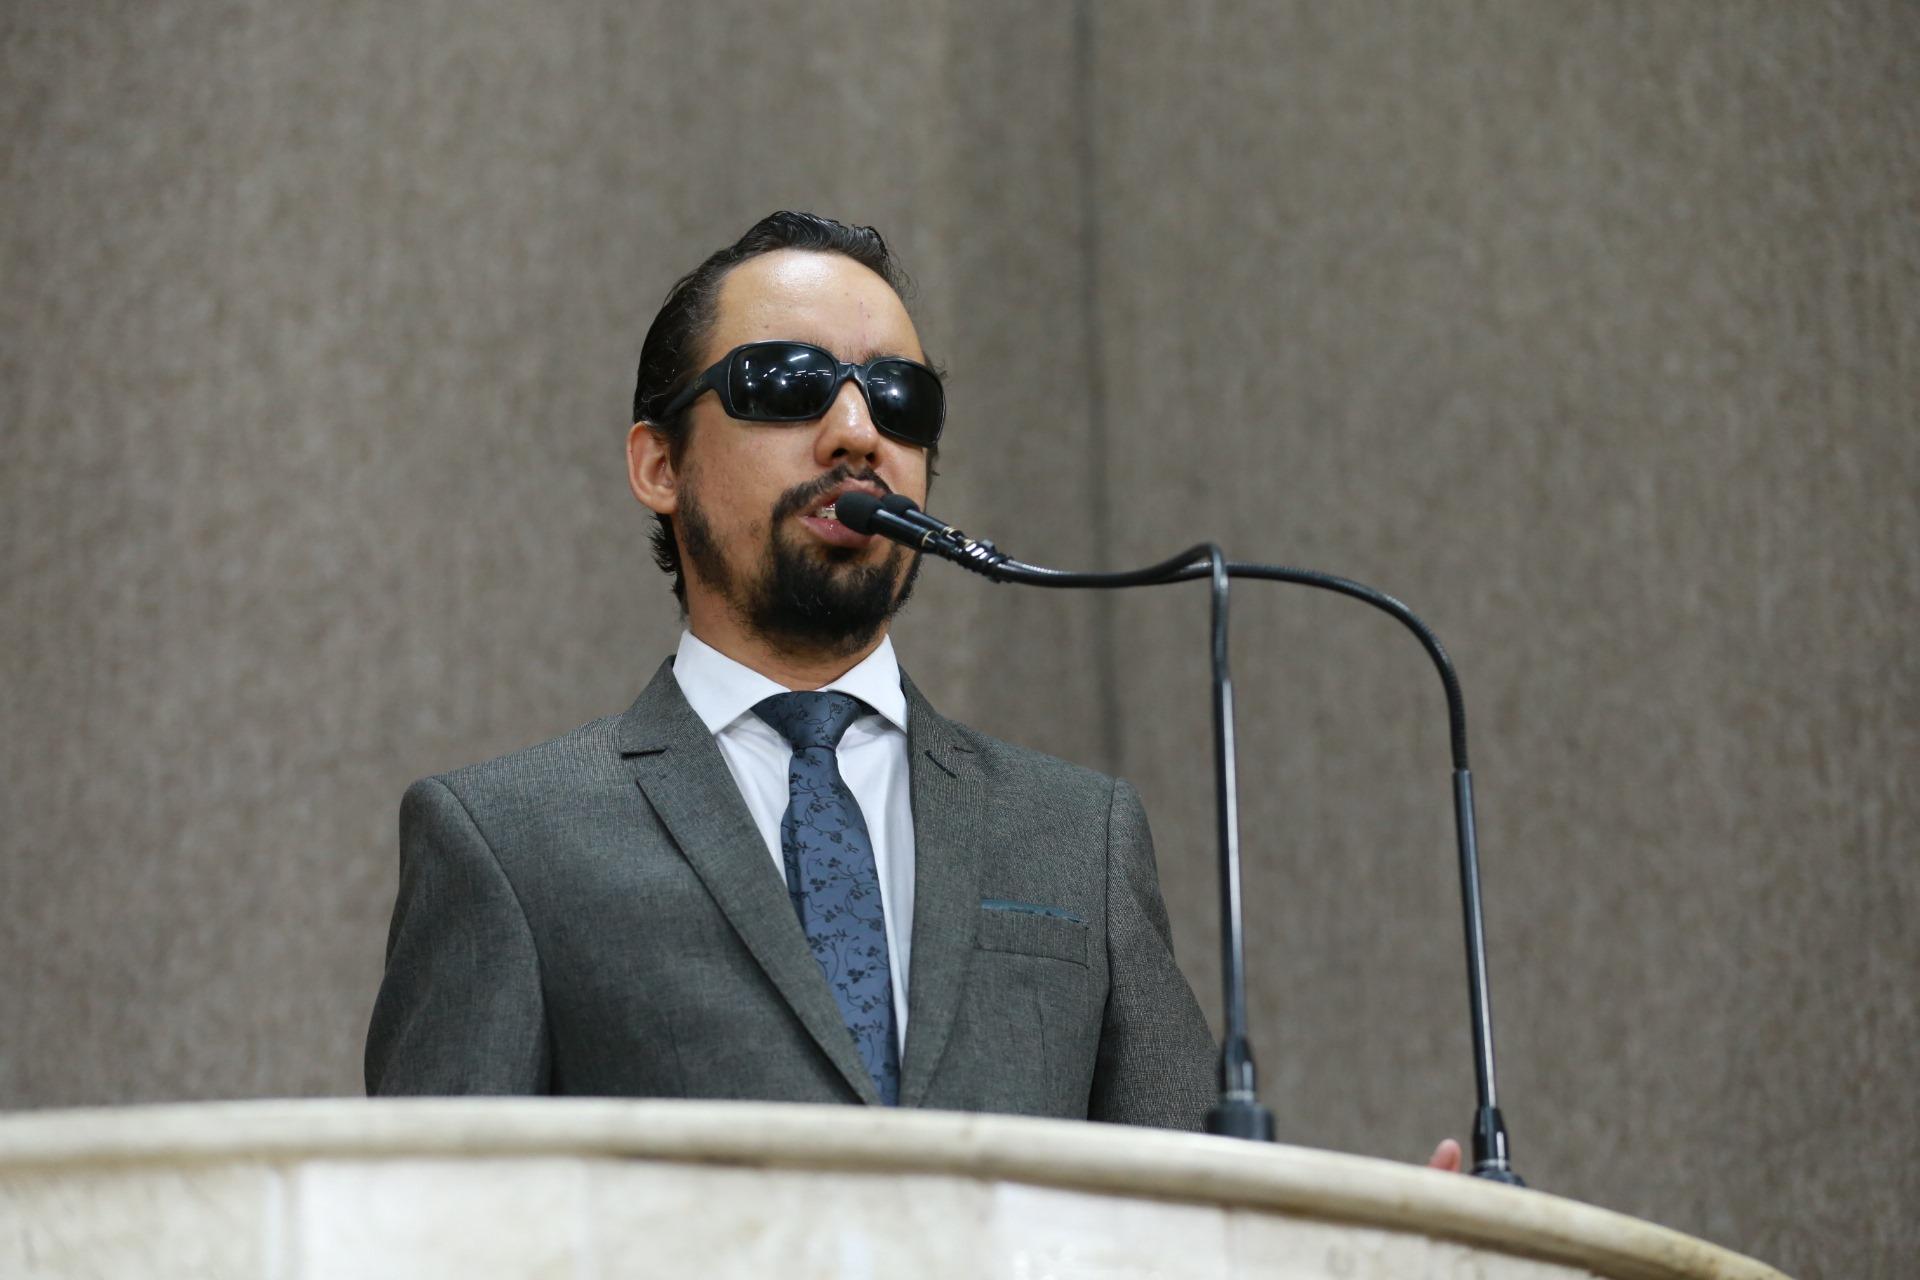 #PraTodoMundoVer Lucas em pé falando ao microfone na tribuna. Ele usa terno cinza, camisa branca e gravata cinza